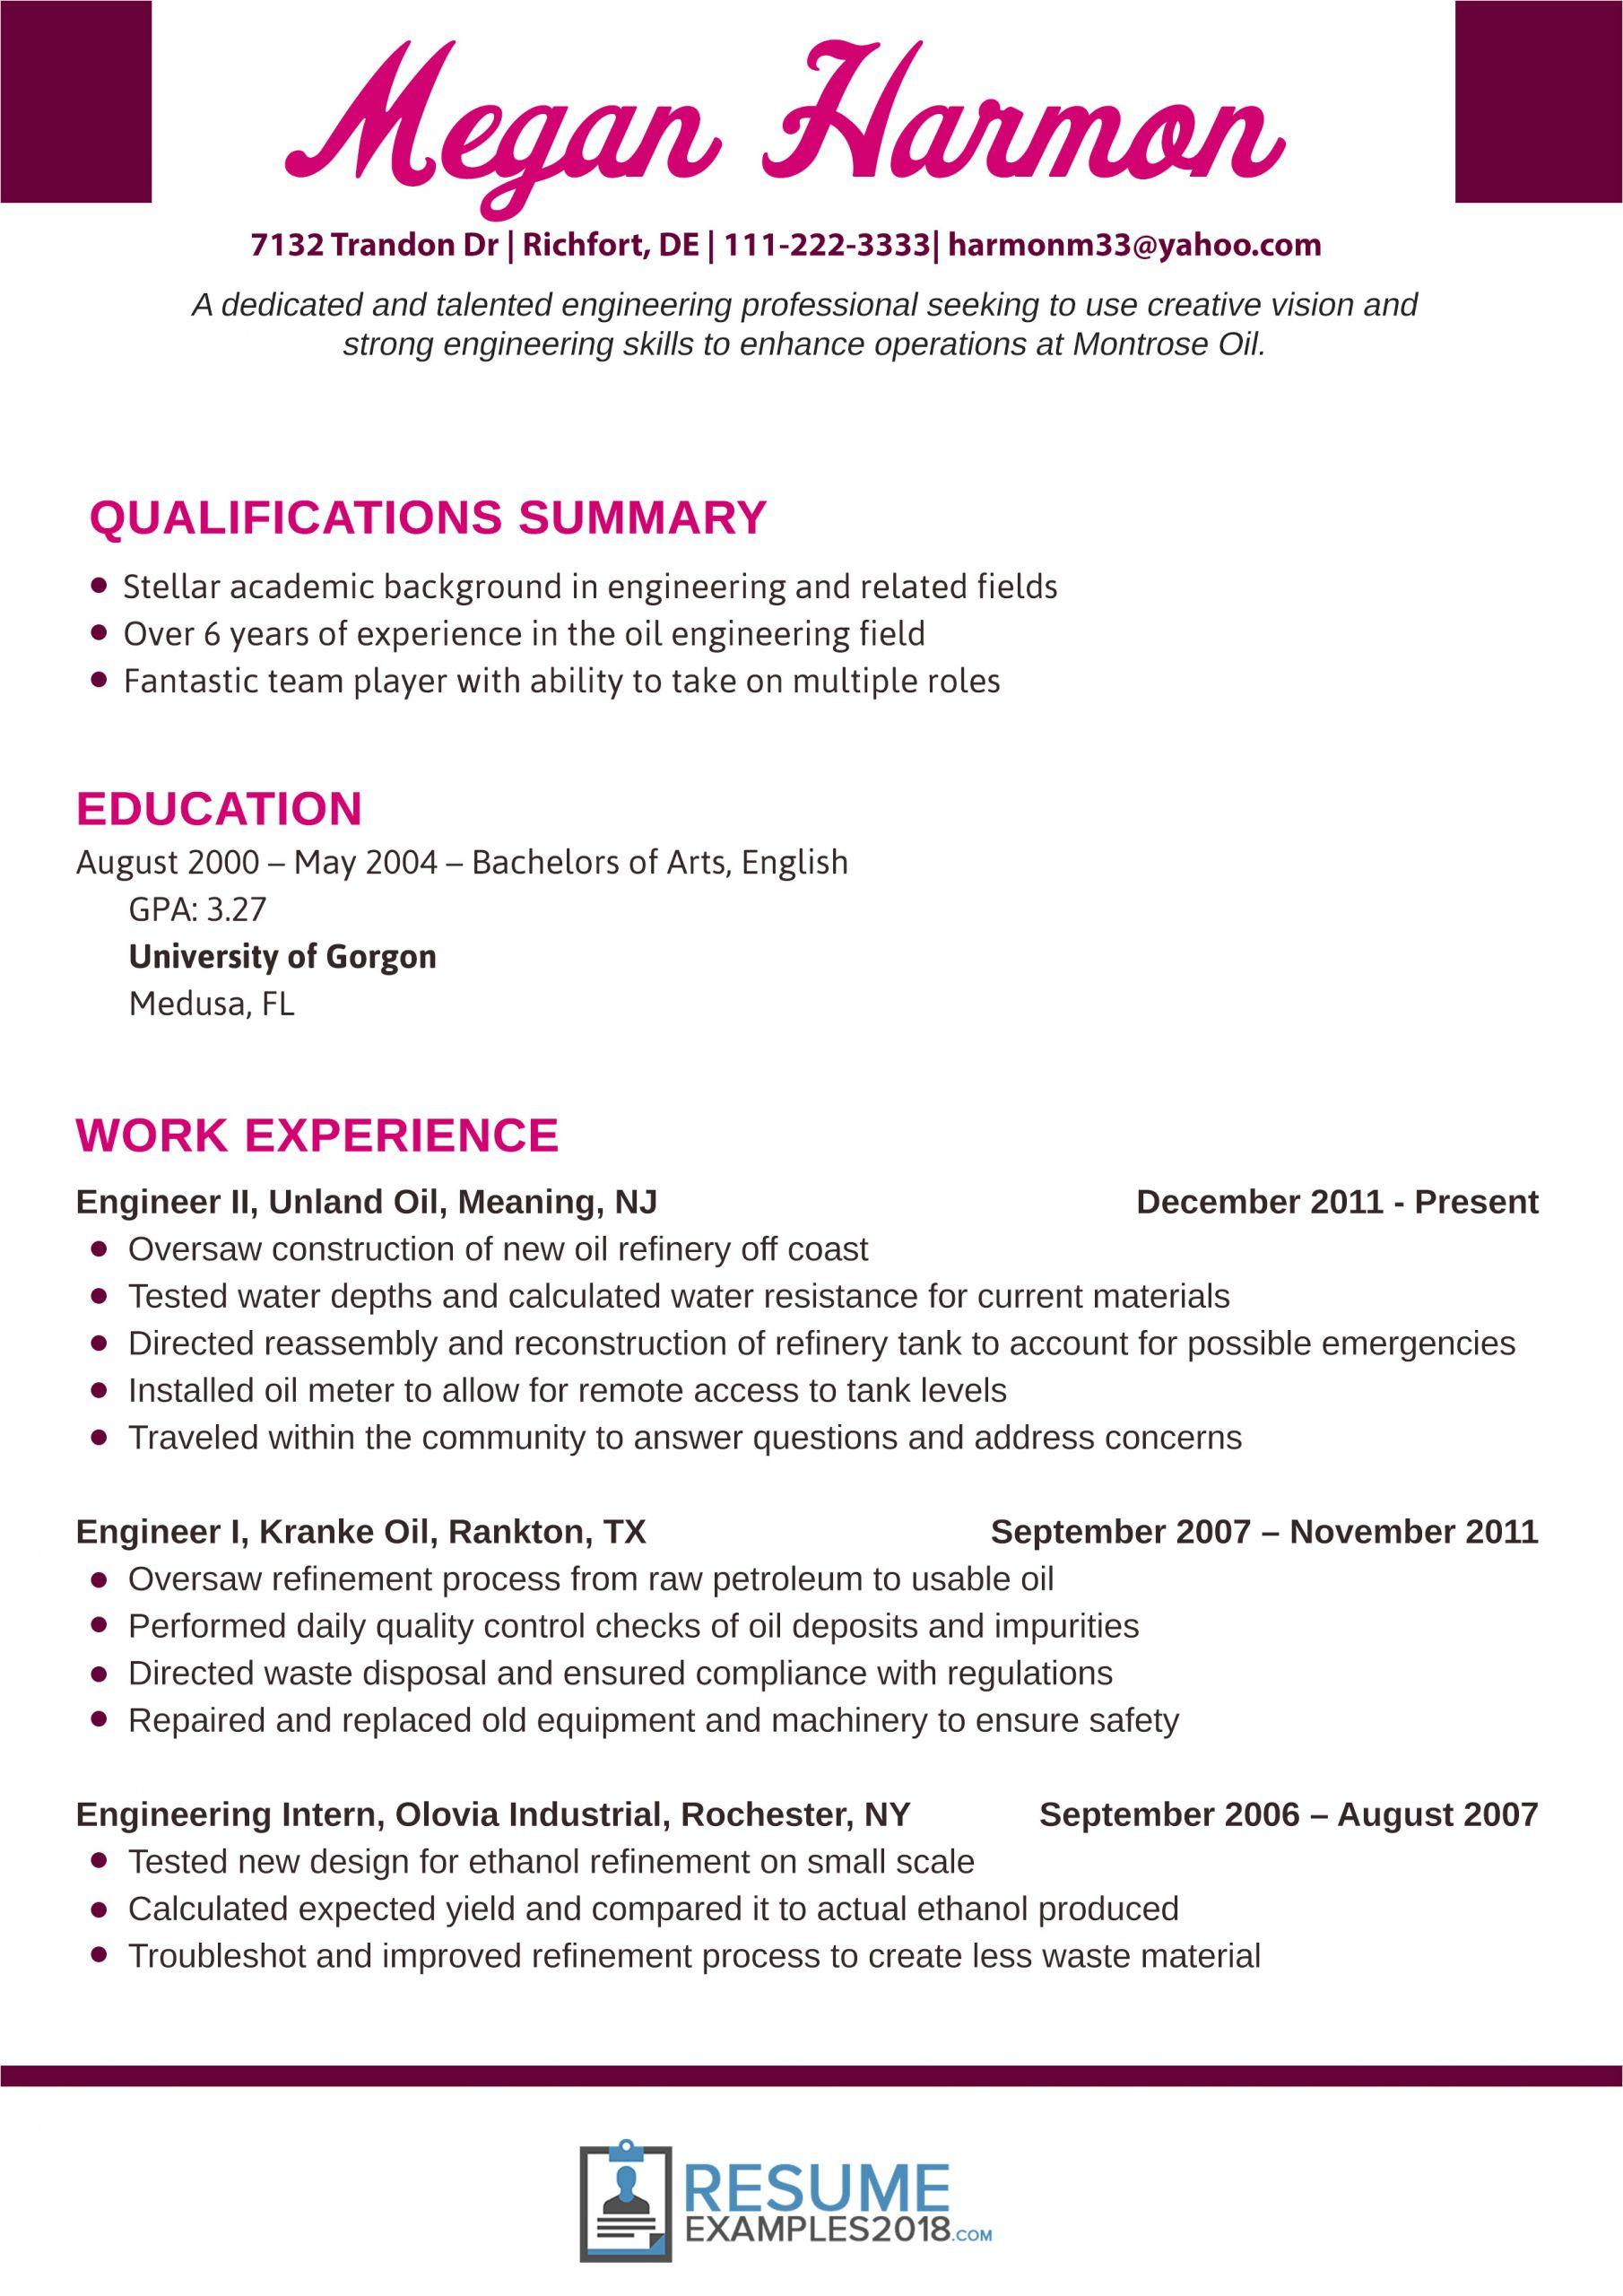 engineering resume examples 2018